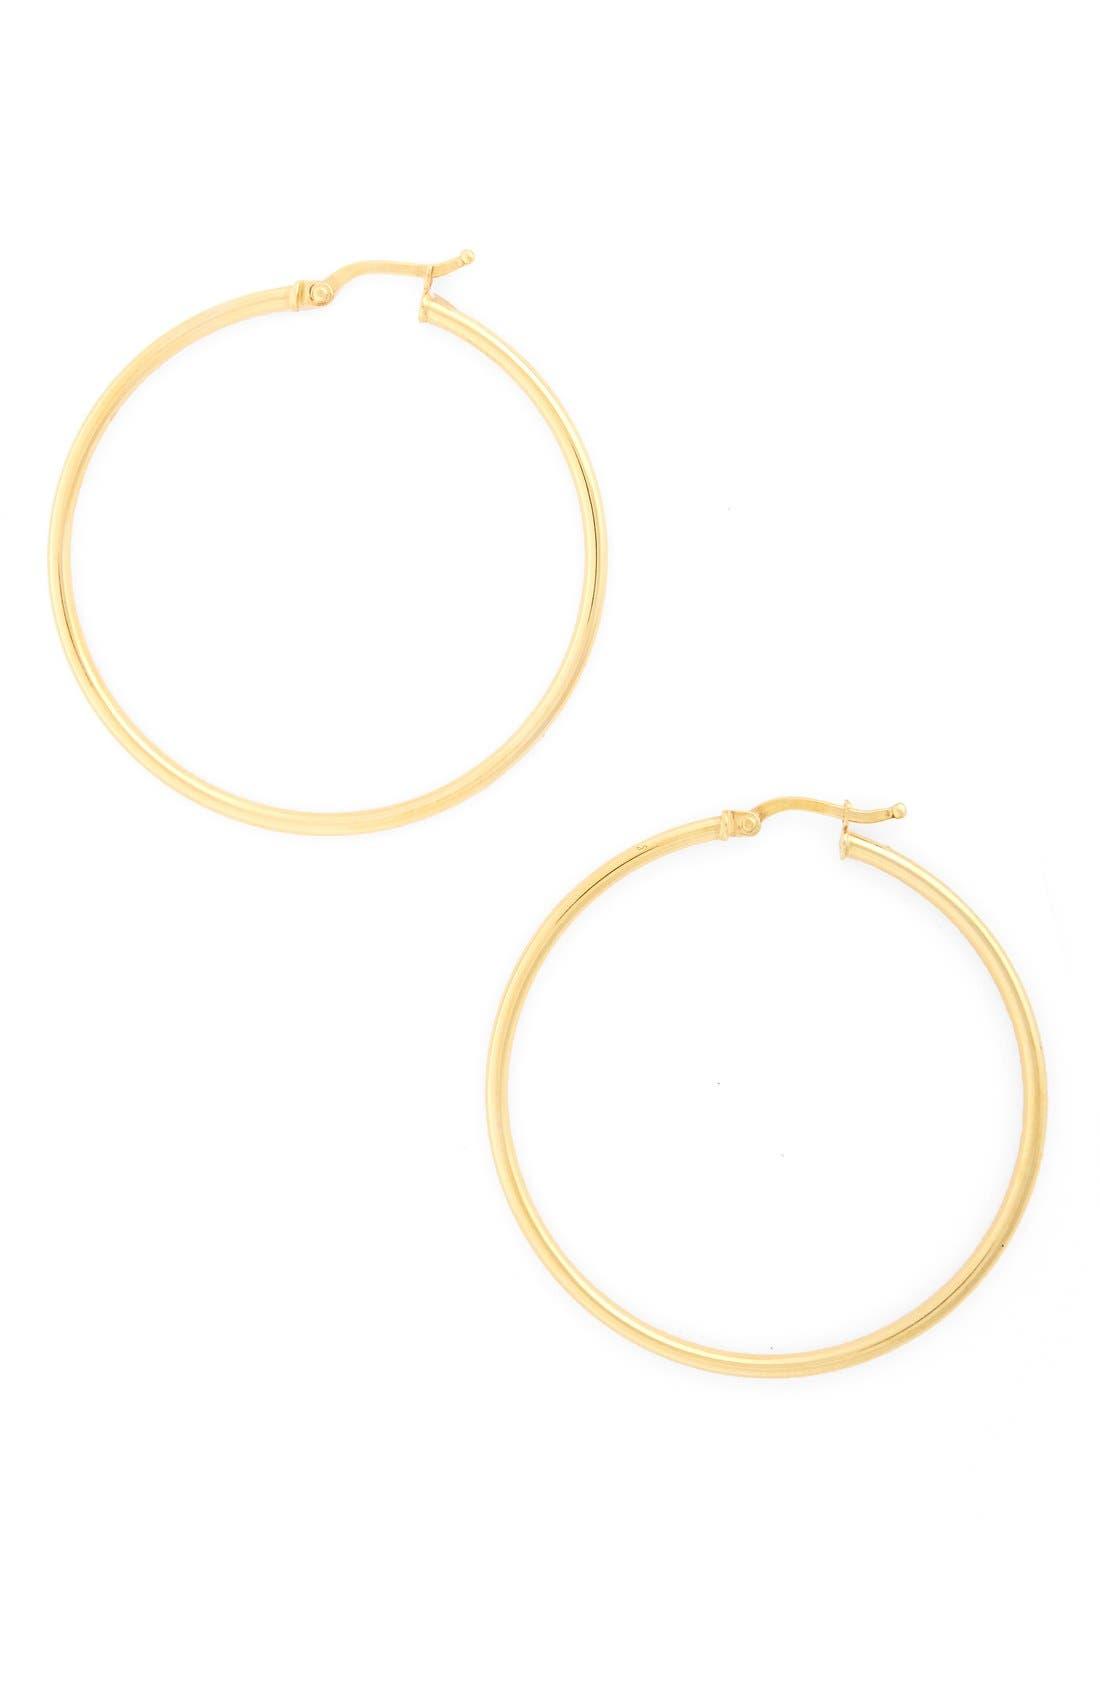 Alternate Image 1 Selected - Bony Levy 14k Gold Hoop Earrings (Nordstrom Exclusive)